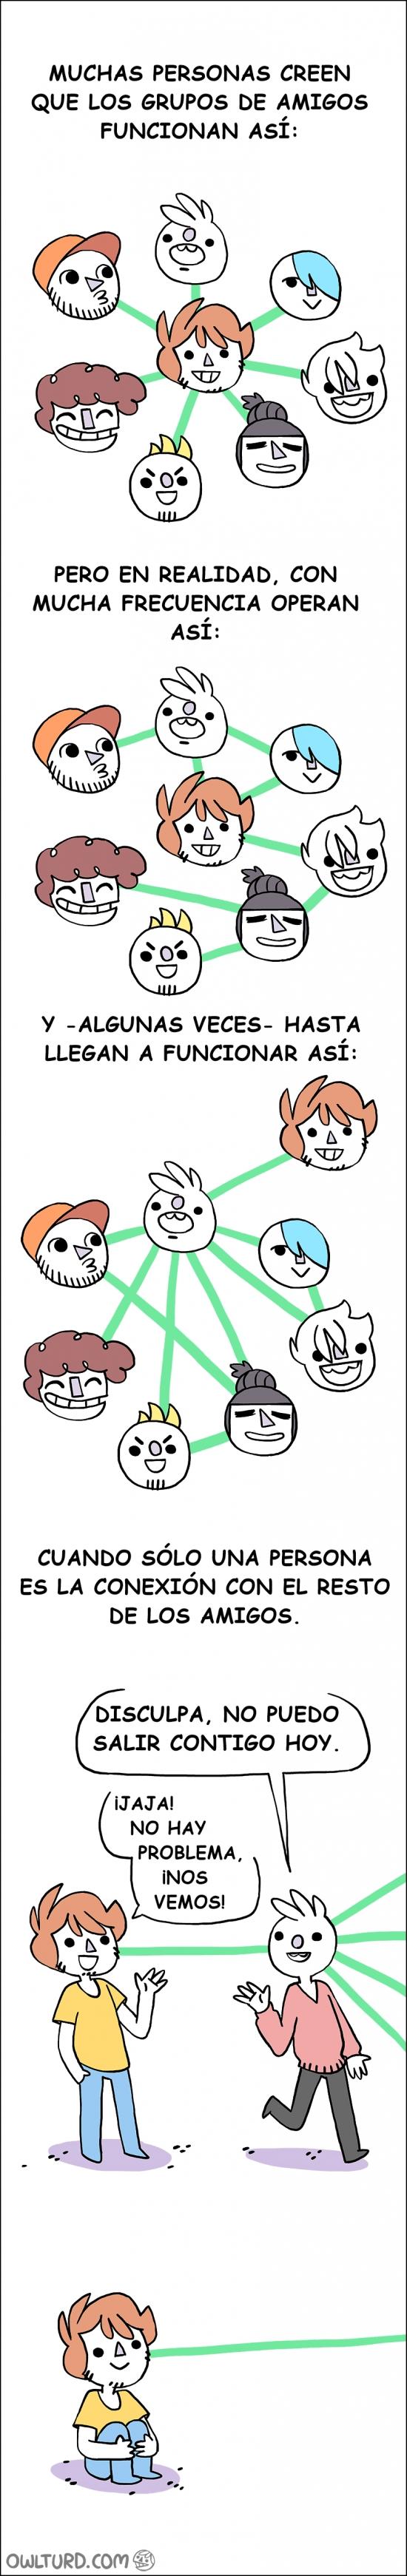 Otros - Así cómo funcionan las amistades